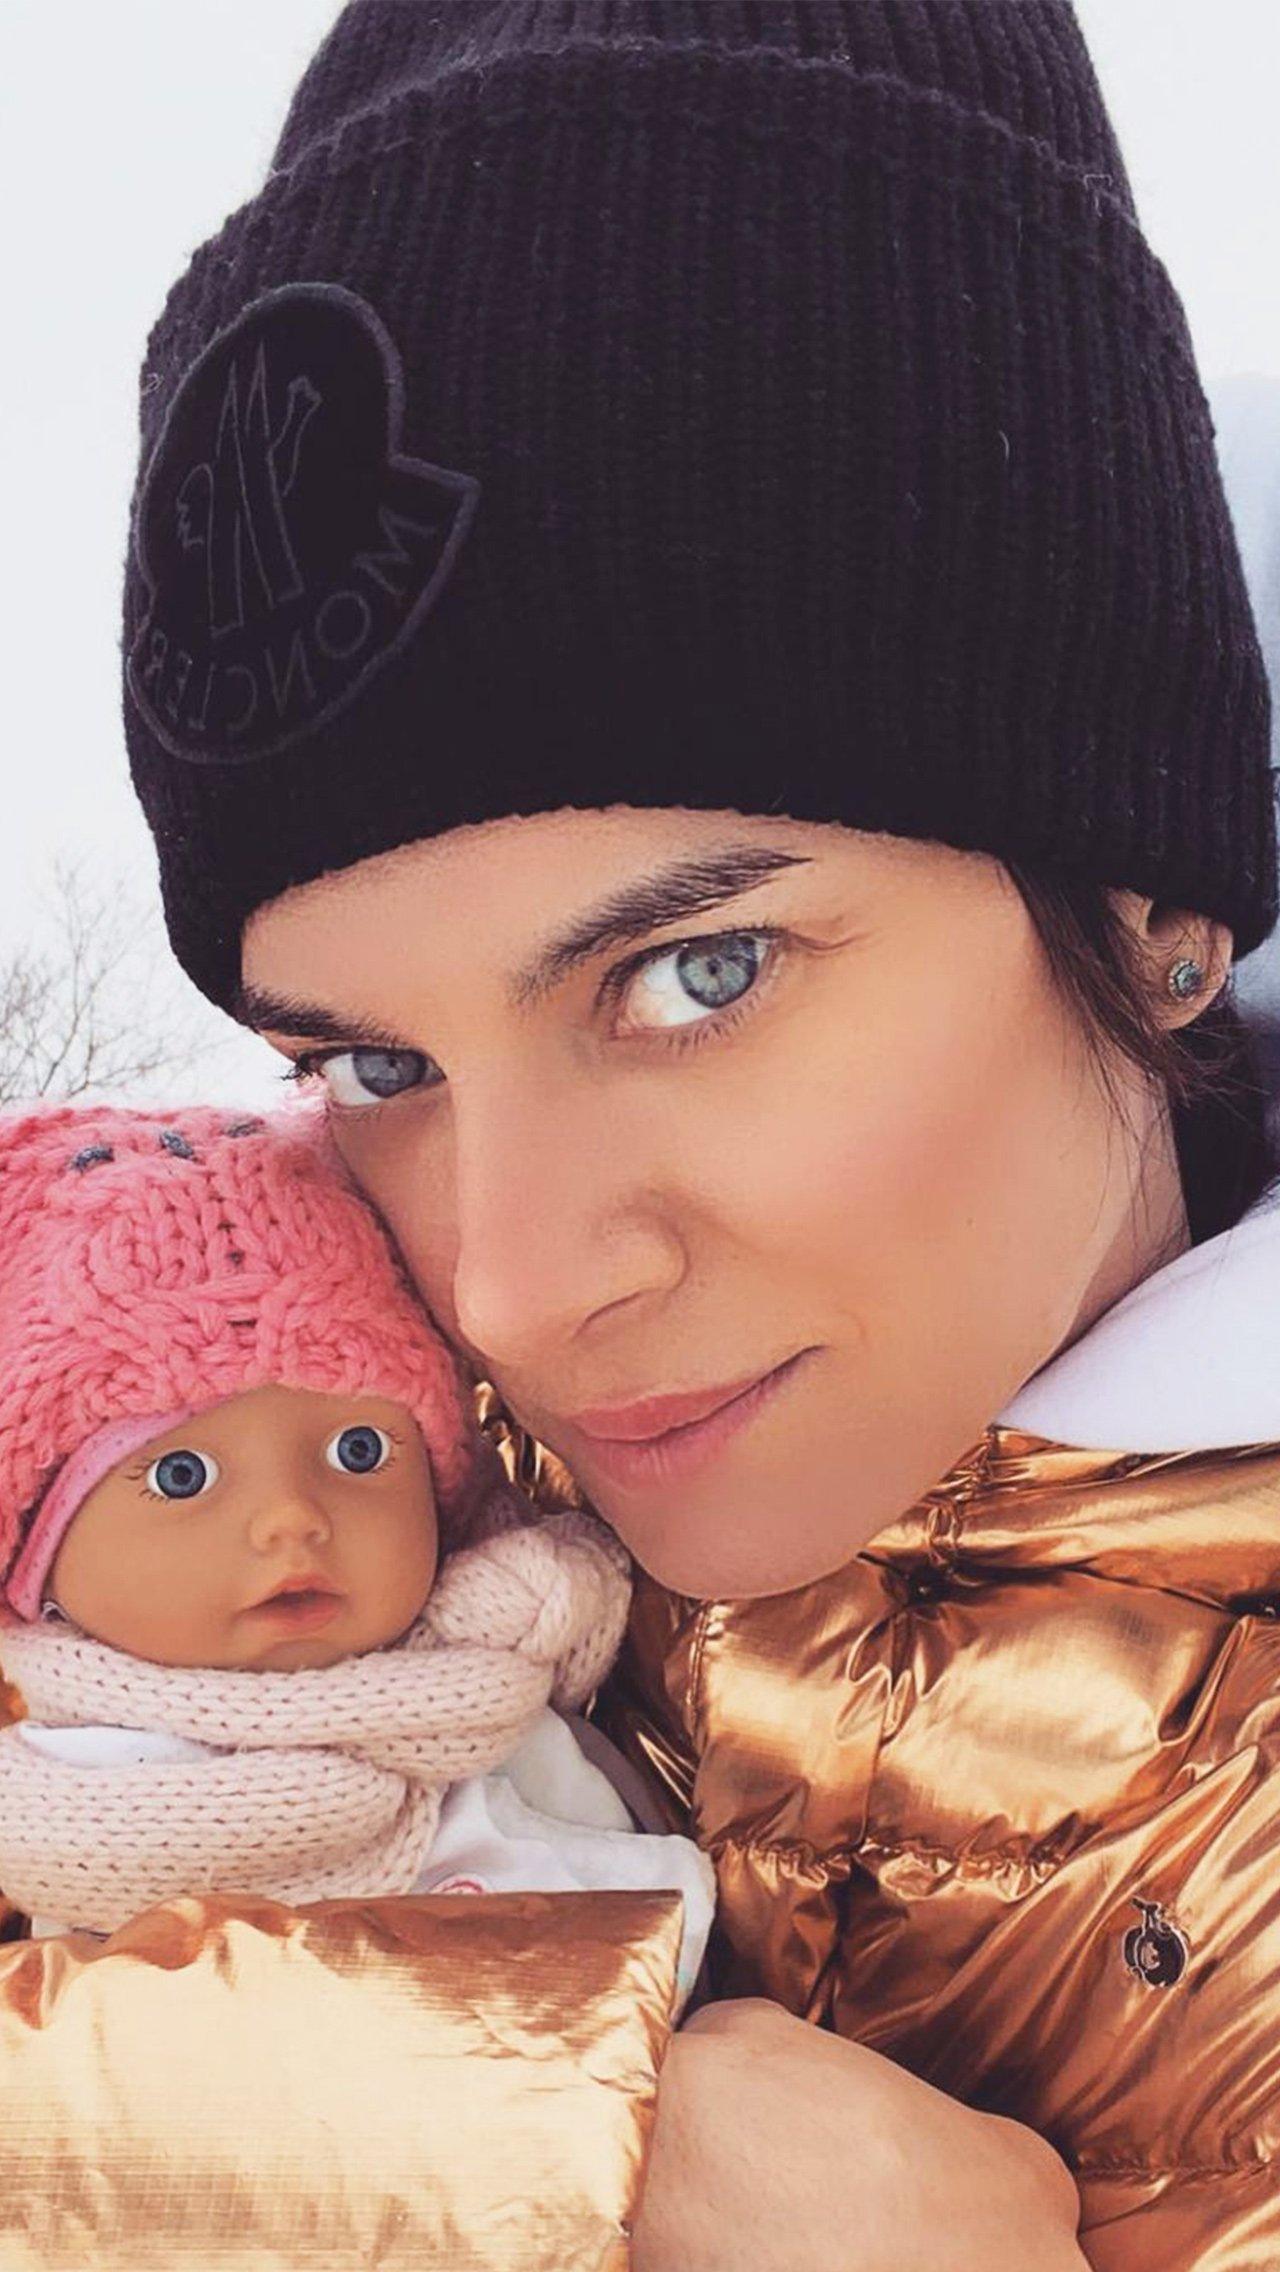 После 2013 года Елена стала женой и мамой: вышла замуж за легкоатлета Никиту Петинова. Сейчас в семье двое детей – дочь Ева и сын Добрыня.